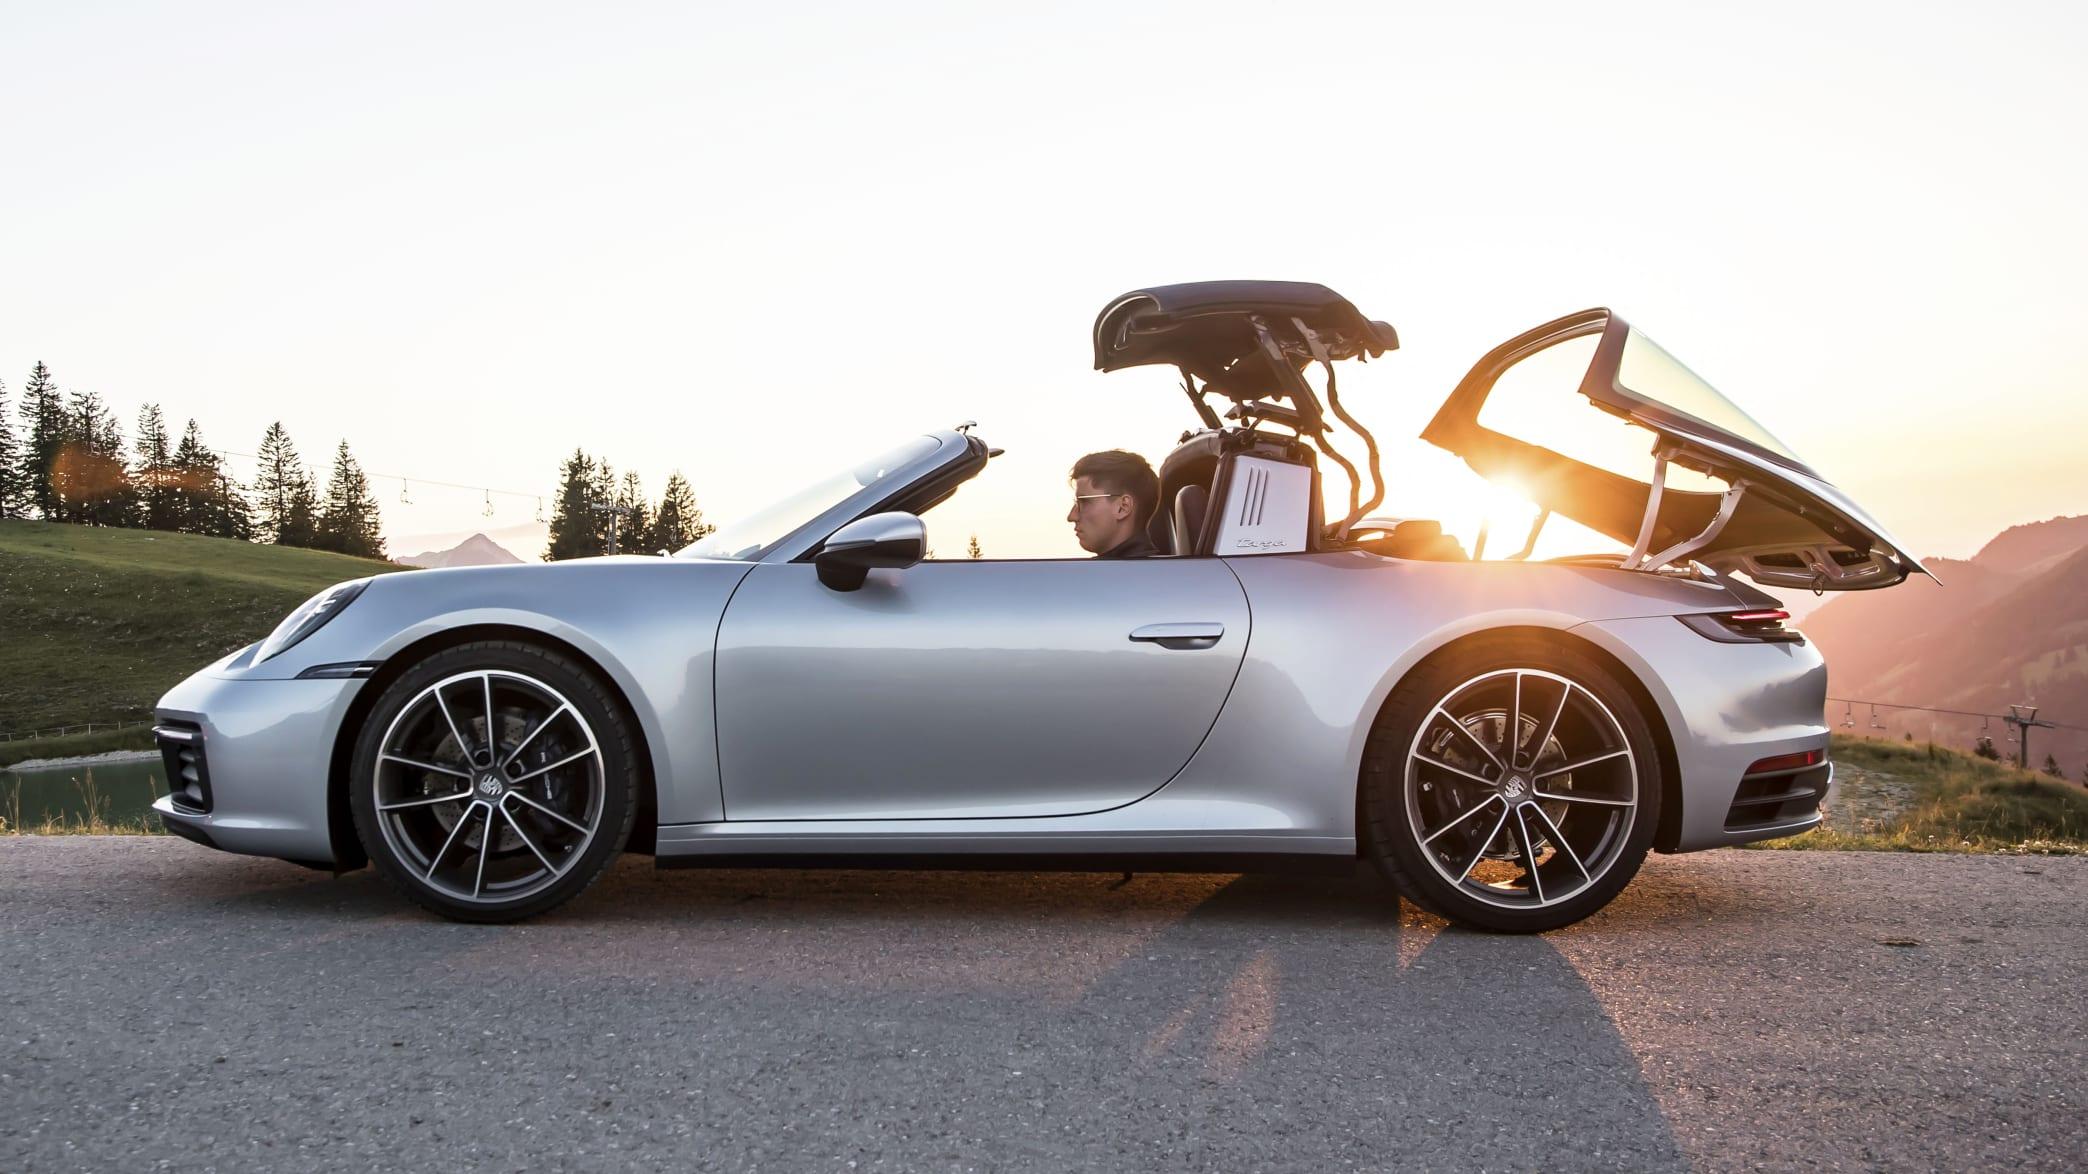 Dach eines silbernen Porsche 911er Targa 4 klappt auf